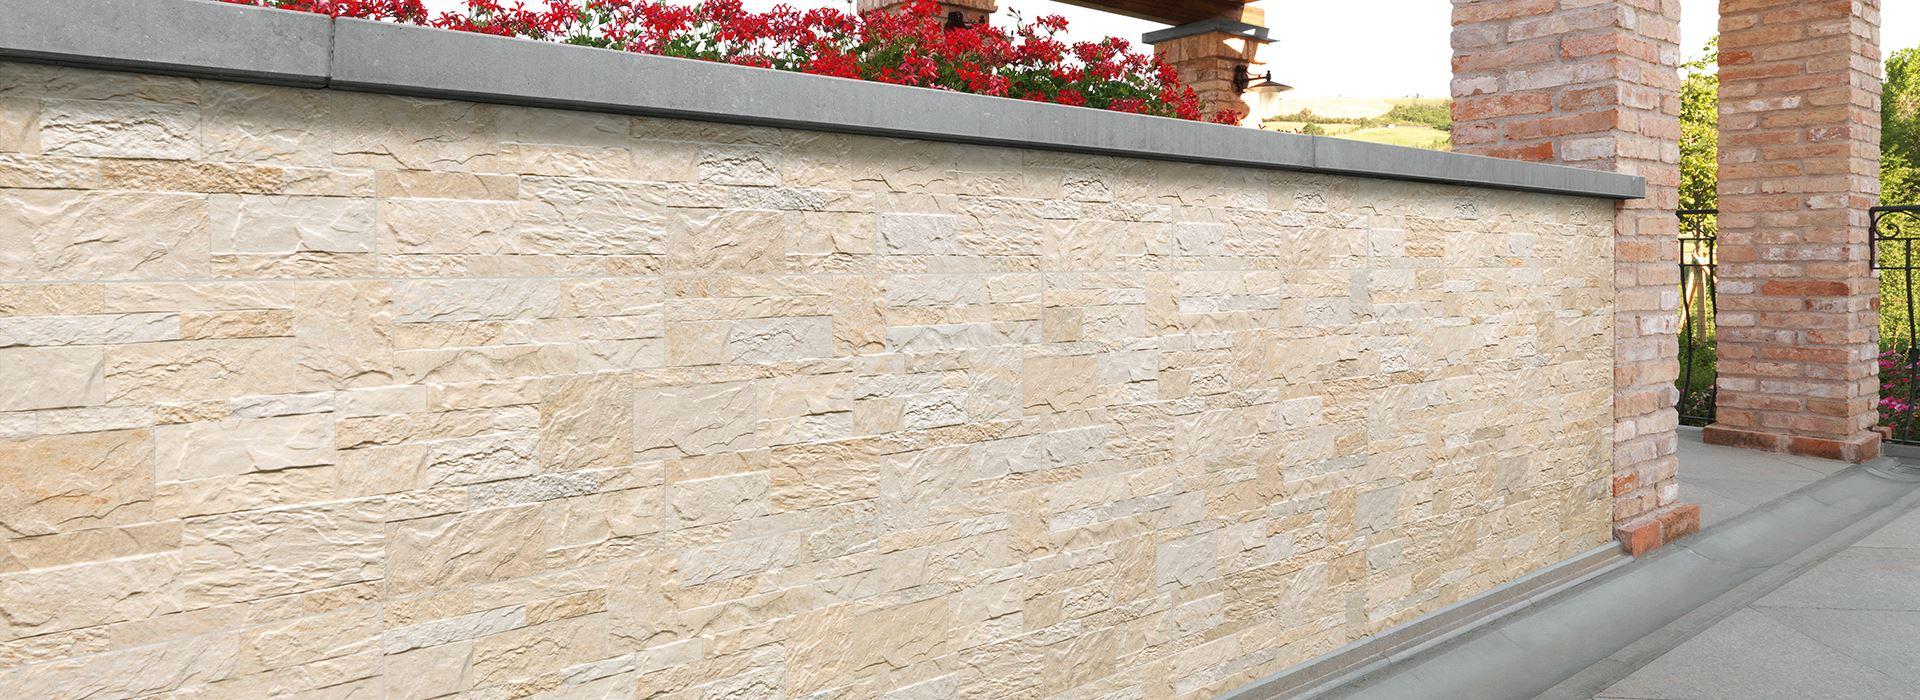 Muretto In Pietra Interno collezione rock style | pavimenti e rivestimenti panaria